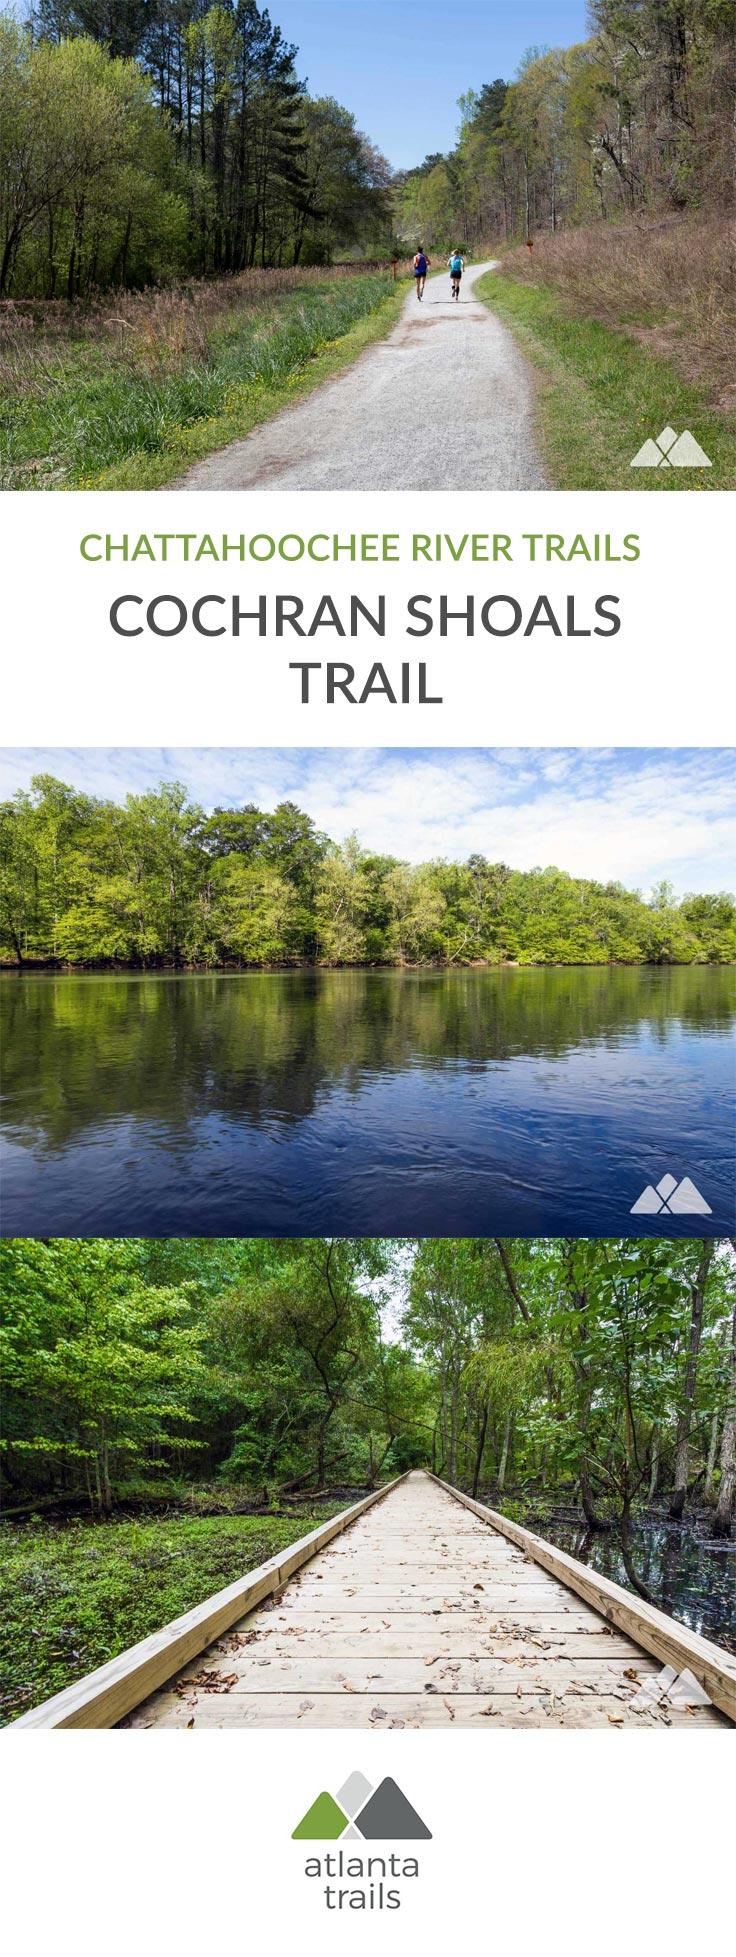 Faites de la randonnée, marchez, courez ou faites du vélo sur les sentiers pittoresques du parc Cochran Shoals, admirez la vue imprenable sur la rivière Chattahoochee et explorez les bois et les marais pittoresques.  C'est l'un des sentiers les plus populaires d'Atlanta, et il est également idéal pour une promenade du dimanche ou pour faire quelques boucles d'entraînement de 5 km.  #running #trailrunning #atlanta #georgia #travel #outdoors #aventure